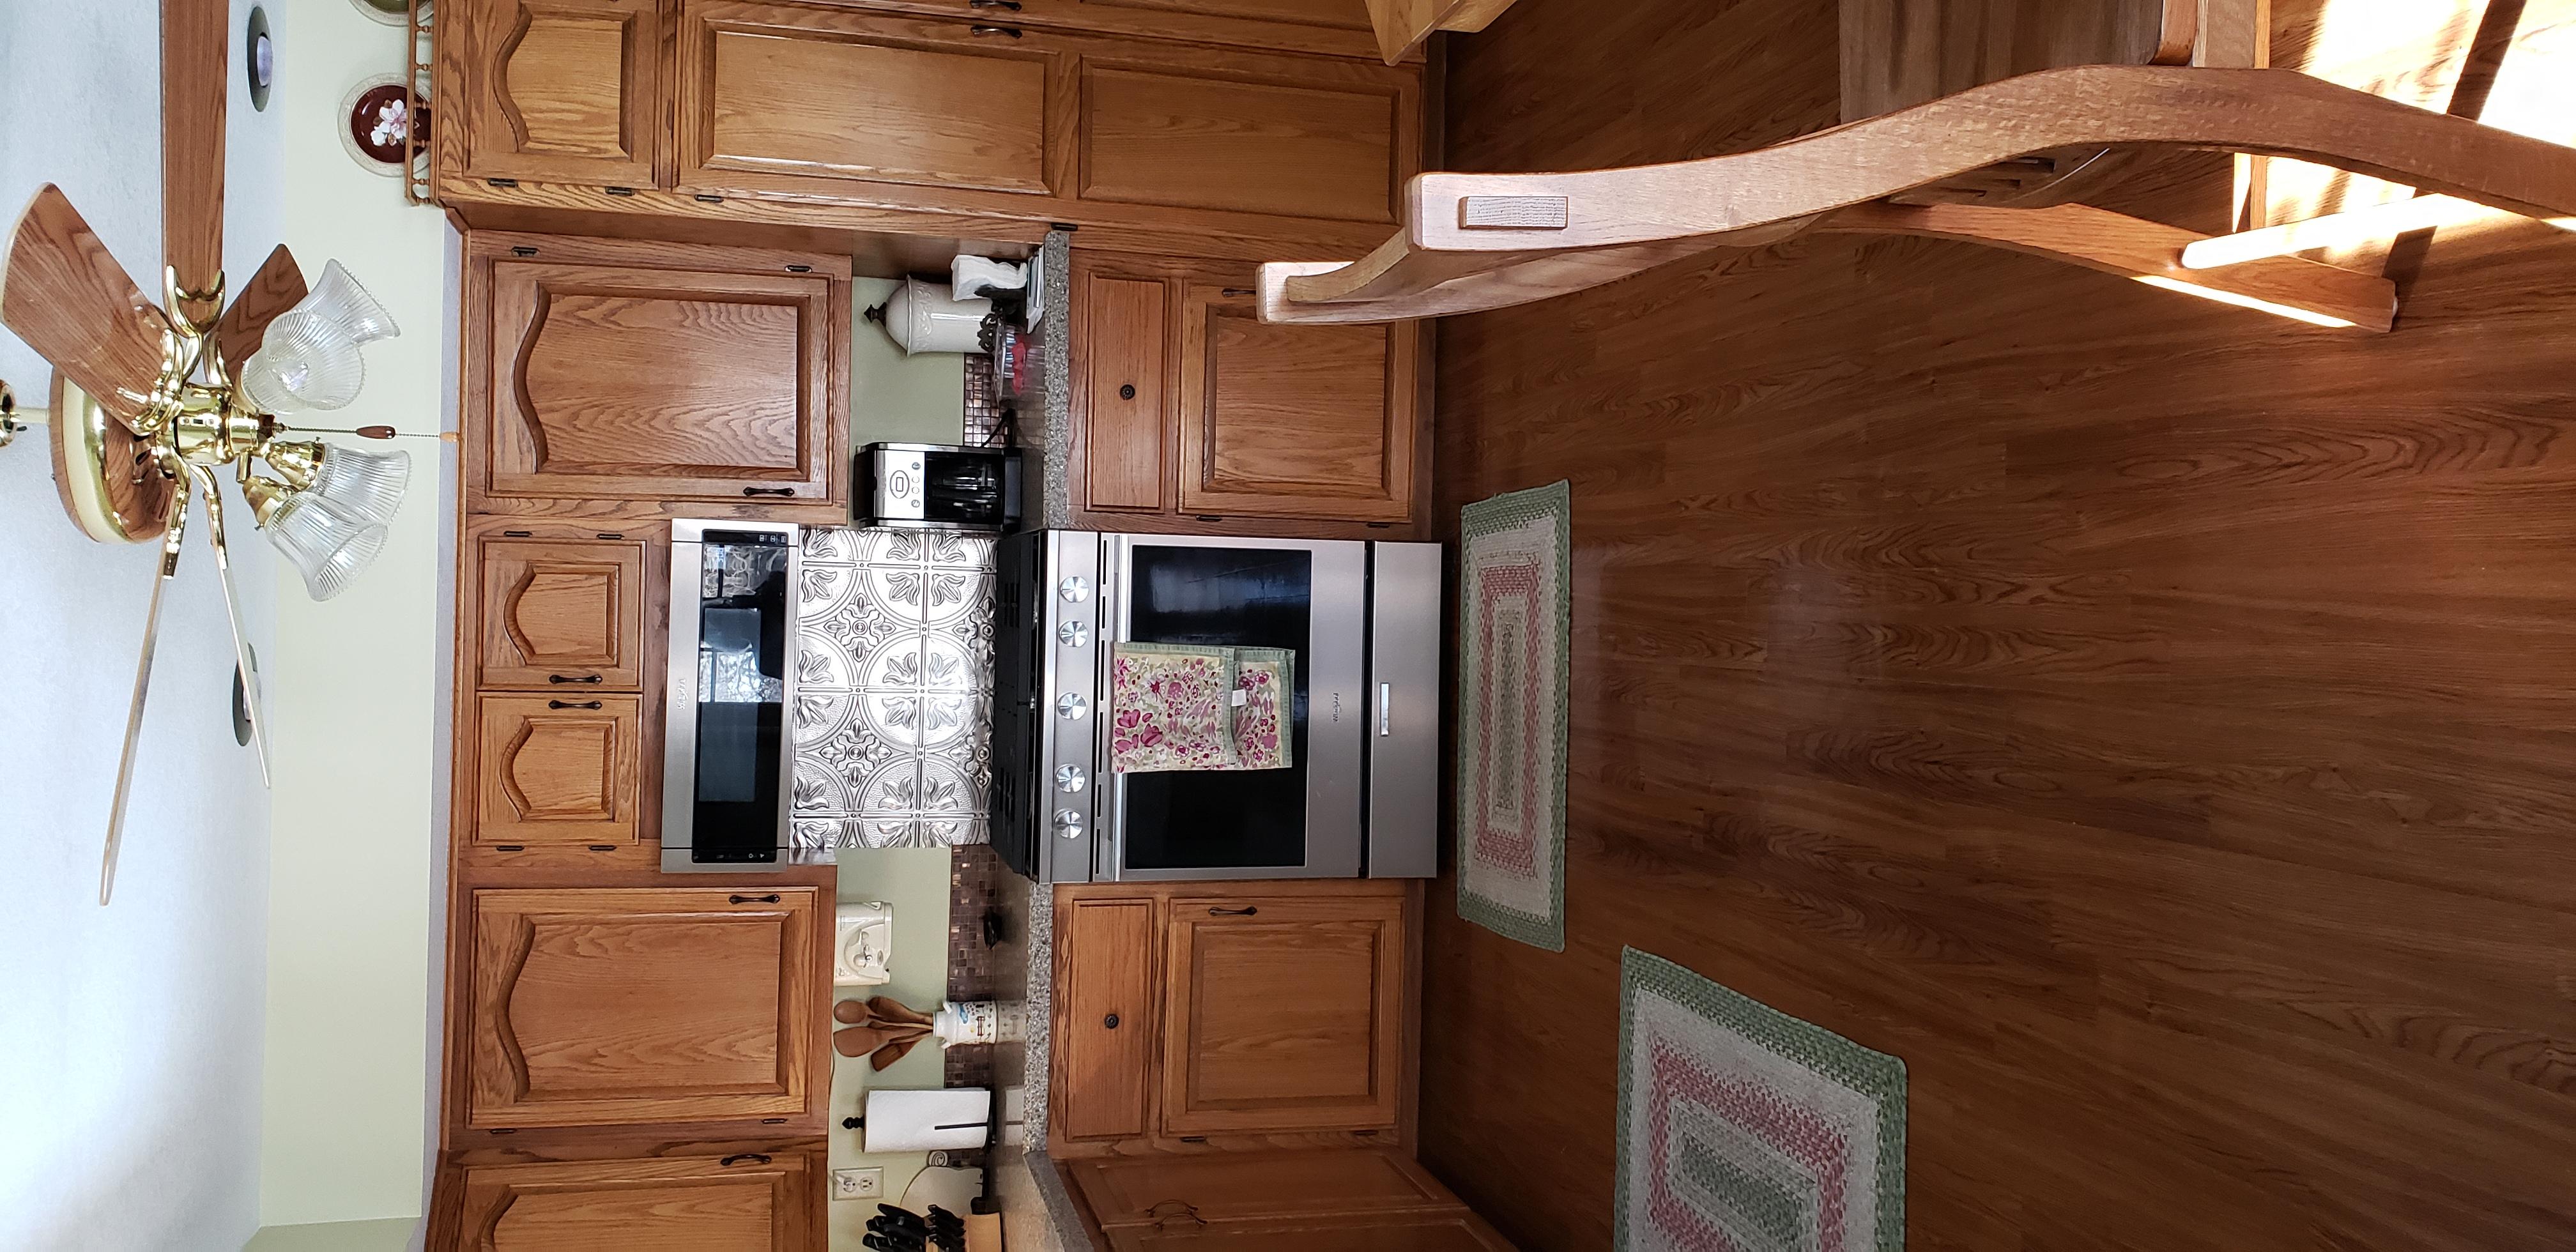 2058 HIllside Ave Mondamin Kitchen2